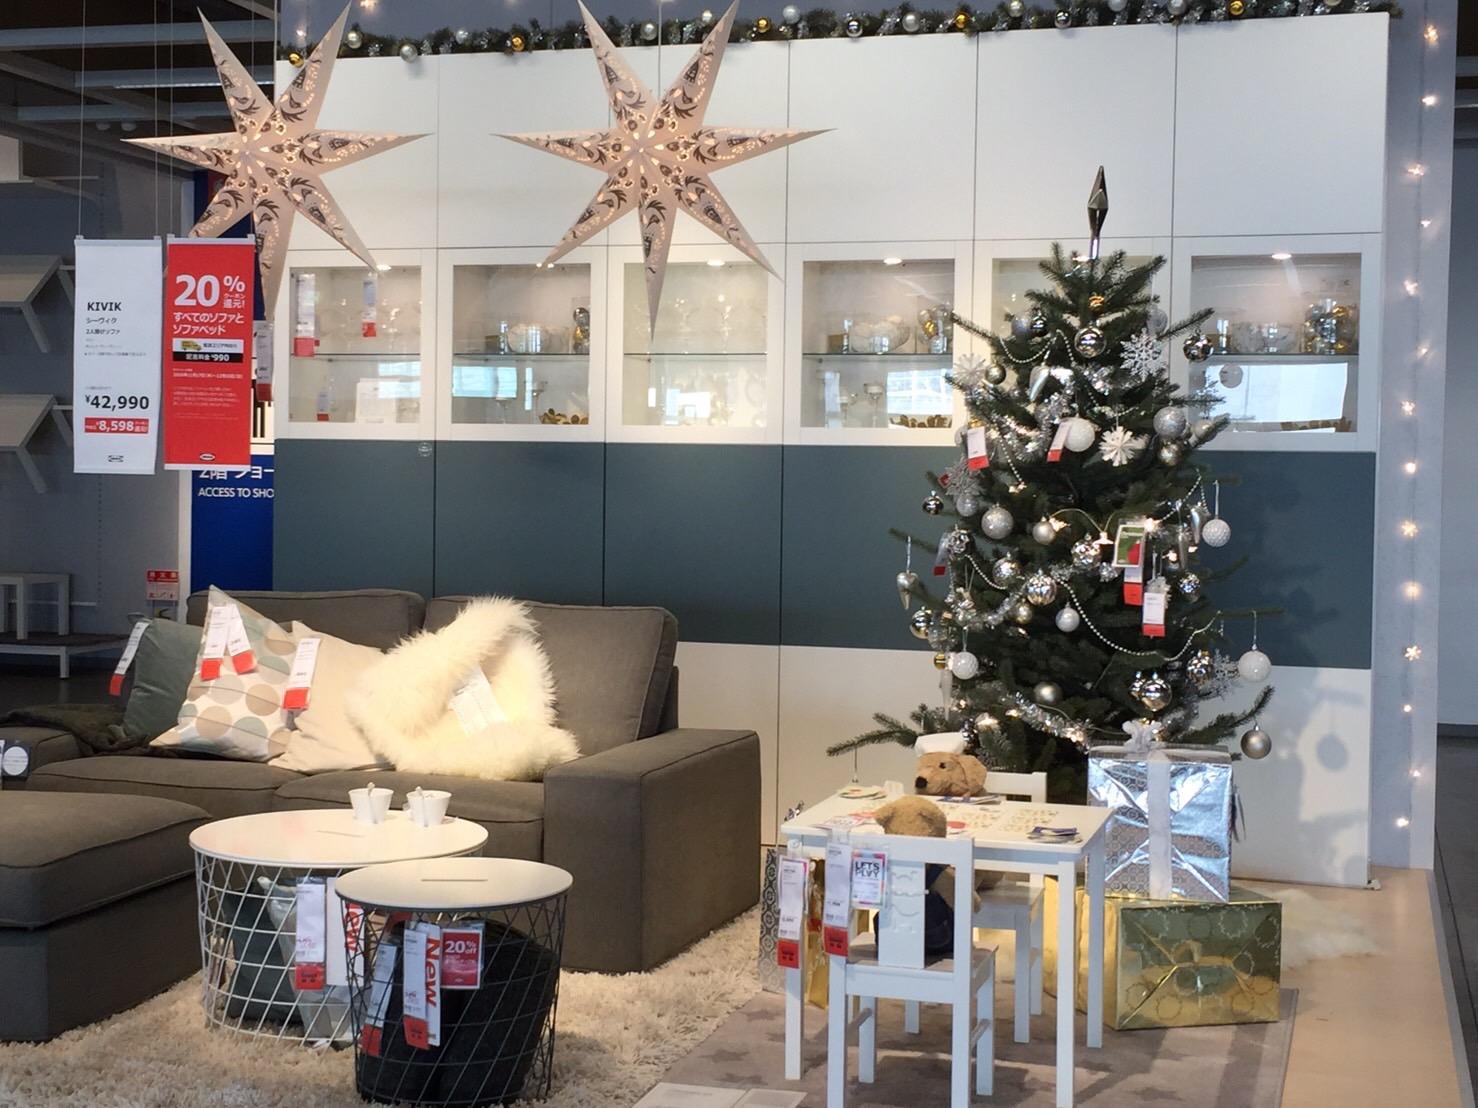 IKEAレストランの新メニューにクリスマスツリーとオーナメント